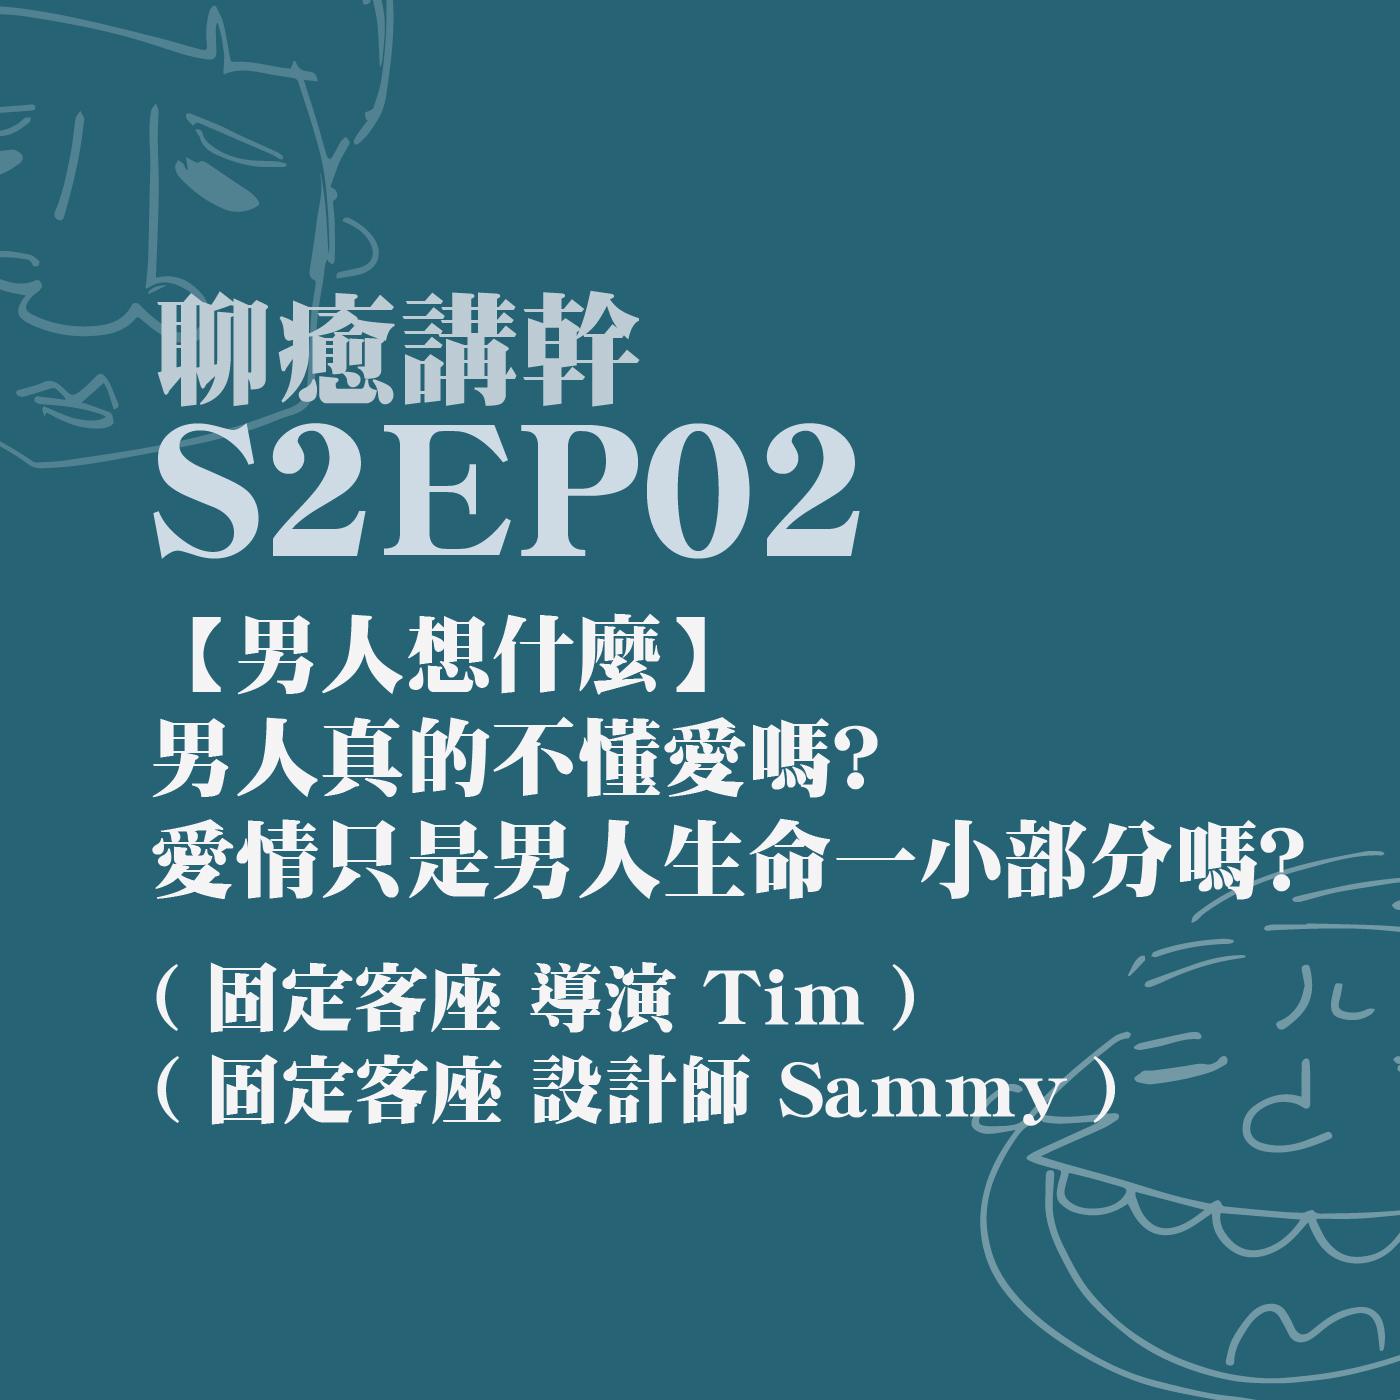 S2EP02 - 【男人想什麼】男人真的不懂愛嗎? 愛情只是男人生命一小部分嗎? feat. Tim & Sammy